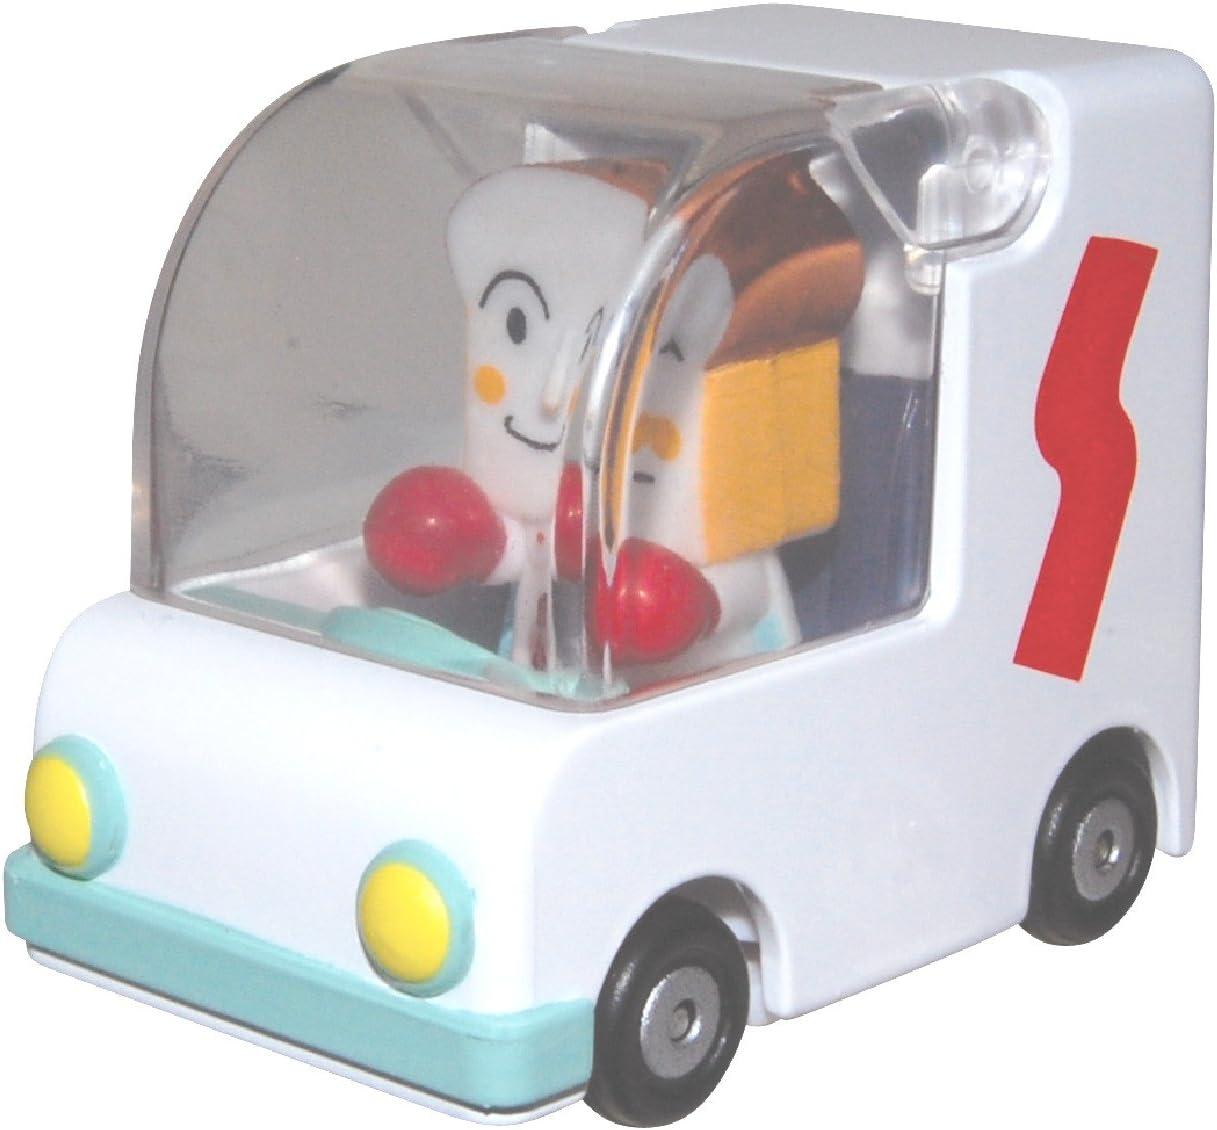 Anpanman Museum Anpanman-go /& Anpanman GOGO Mini Car